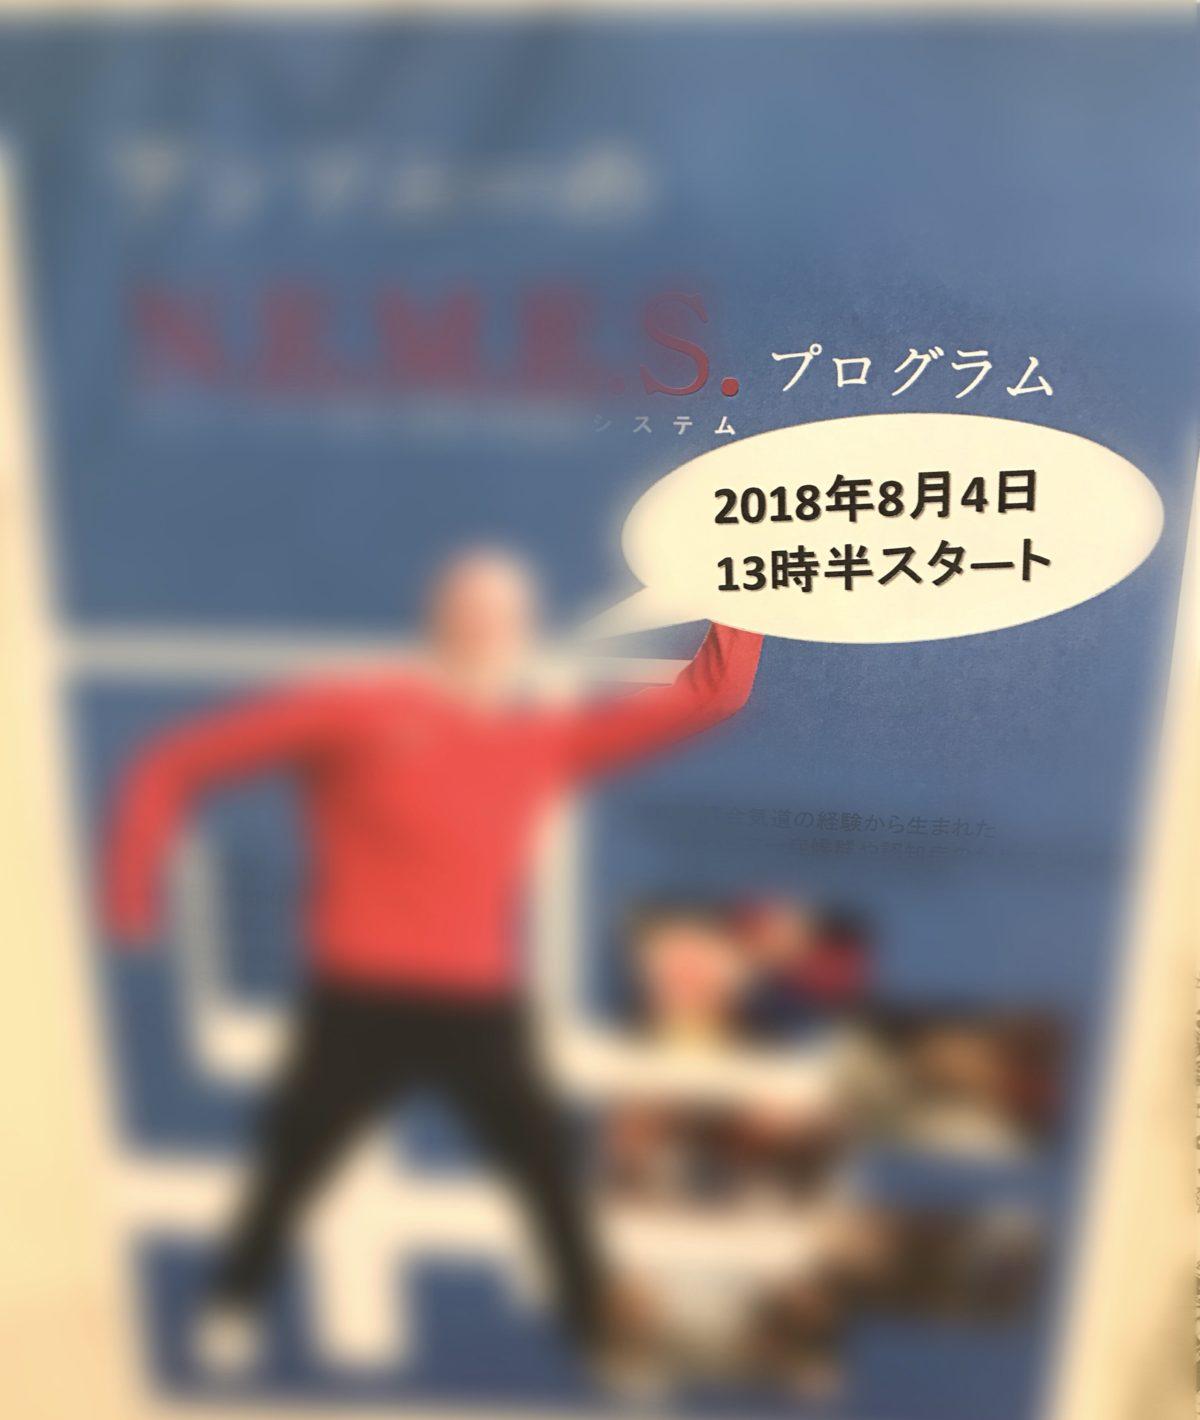 【長居公園】予告!!